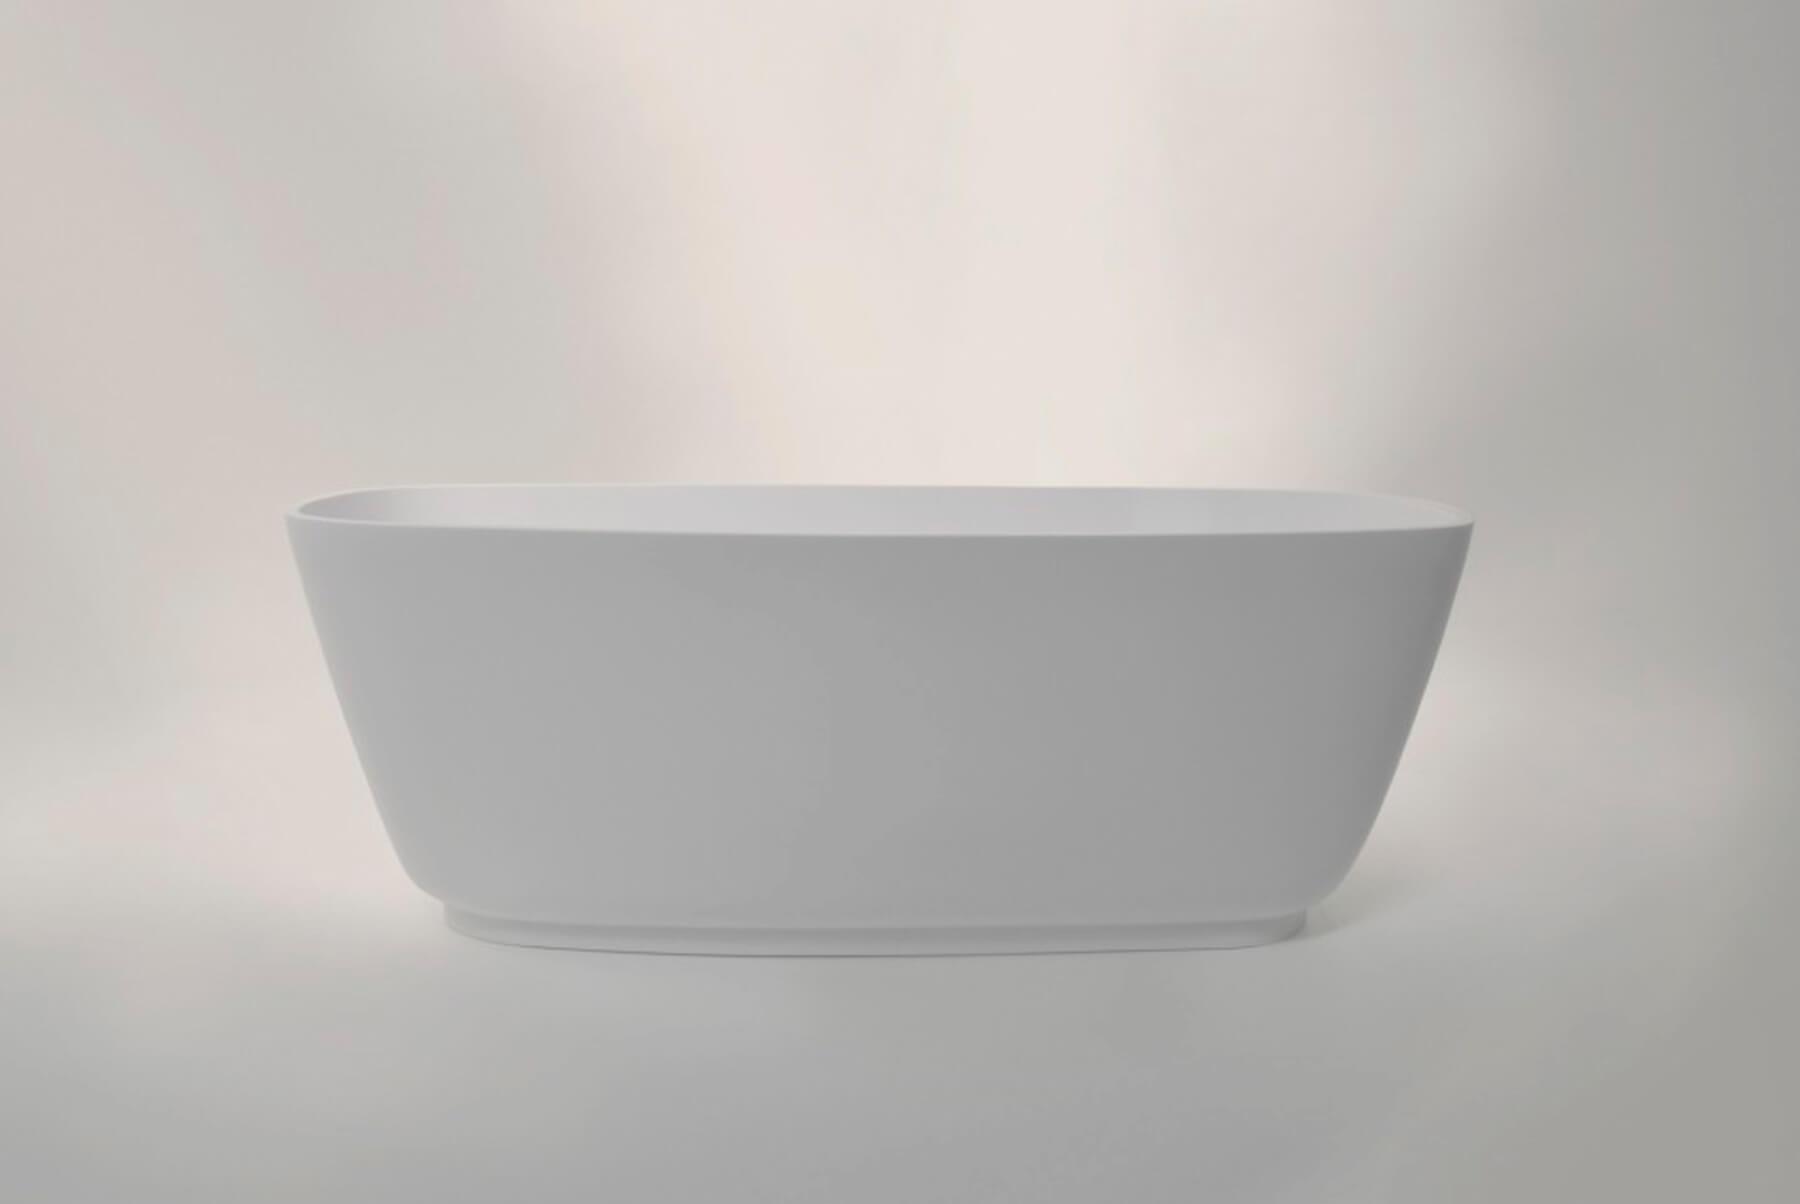 Bath-Tubs-BC-divita-white-side-1800x1204